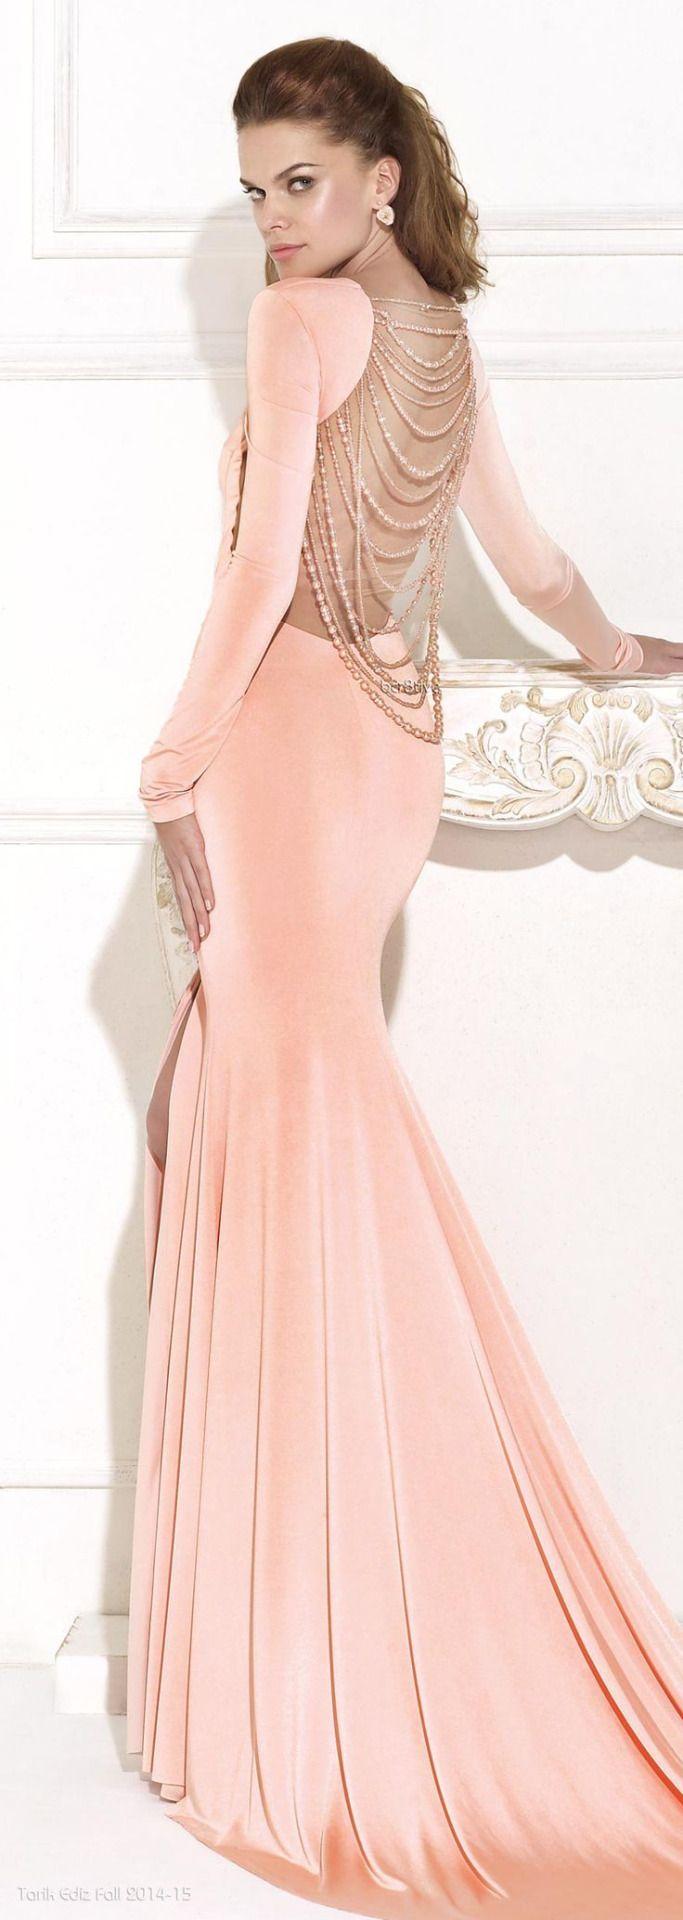 12 mejores imágenes de Fashion en Pinterest   Vestidos de noche ...